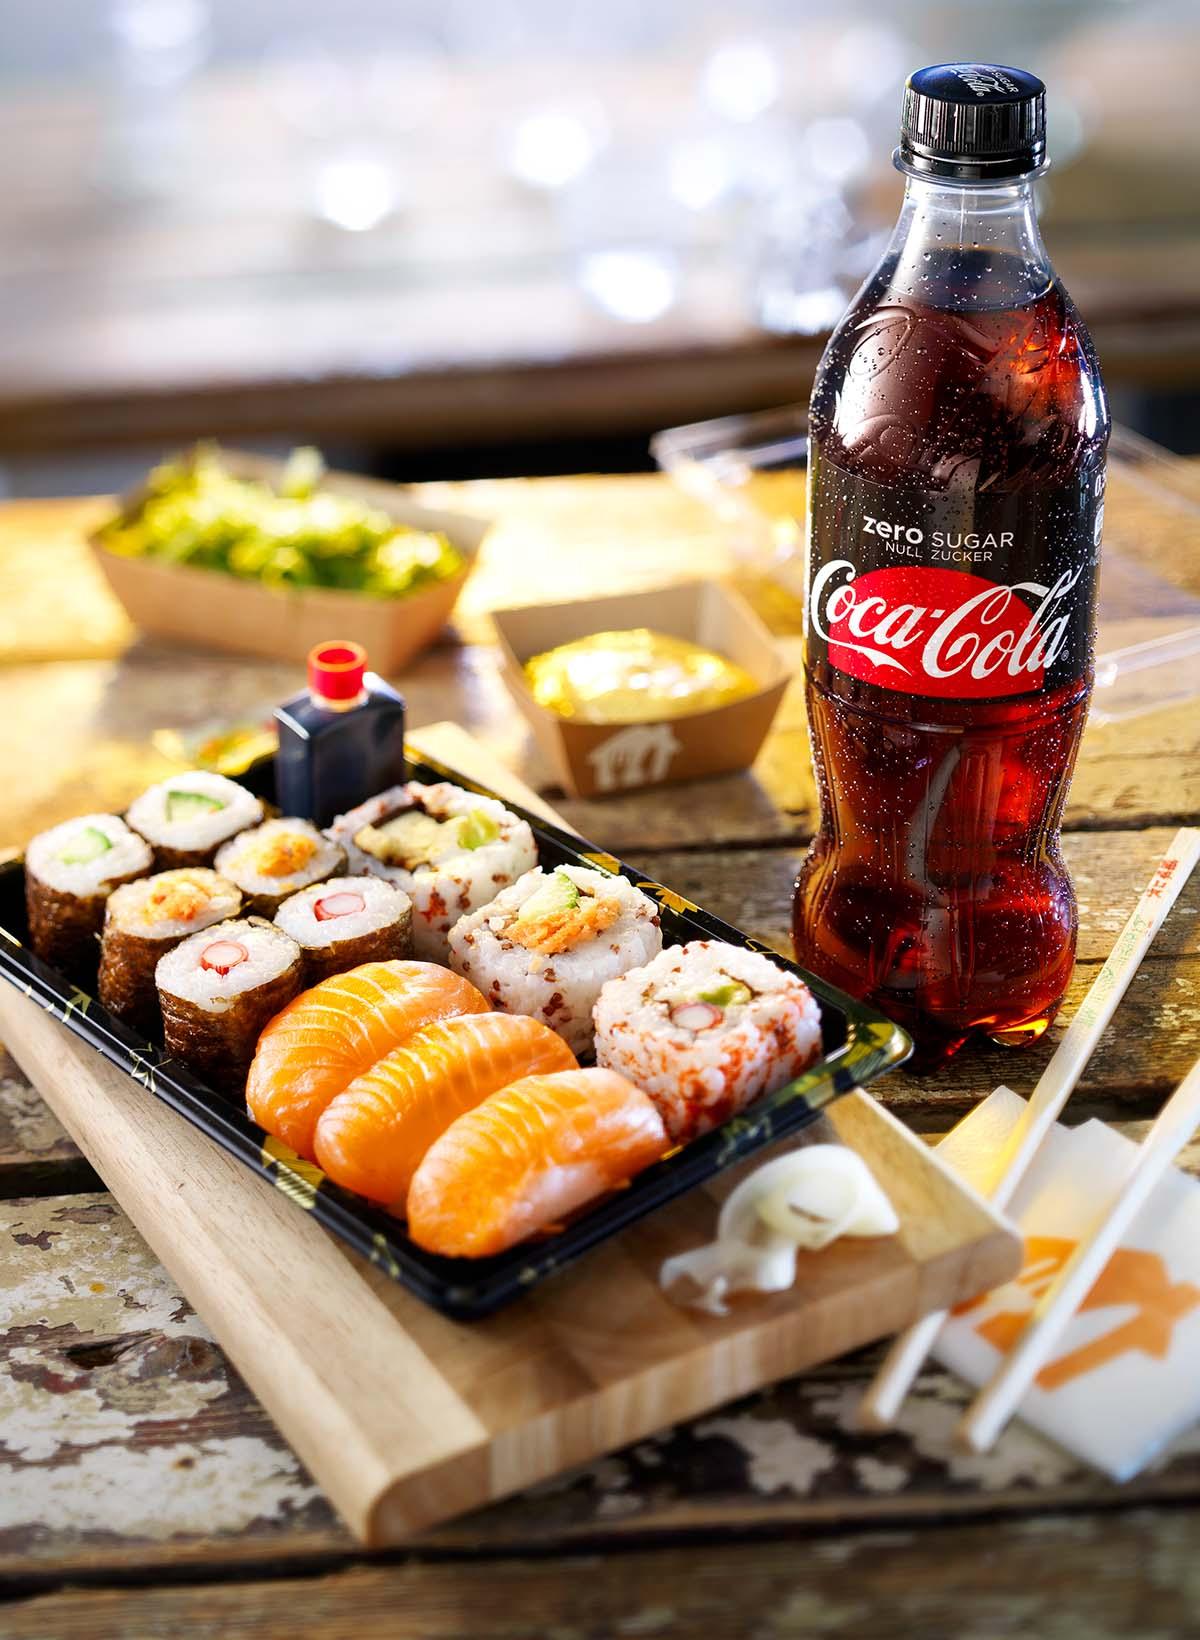 Food fotografie van sushi icm Coca-cola Zero flesje gemaakt door Studio_m Fotografie Amsterdam